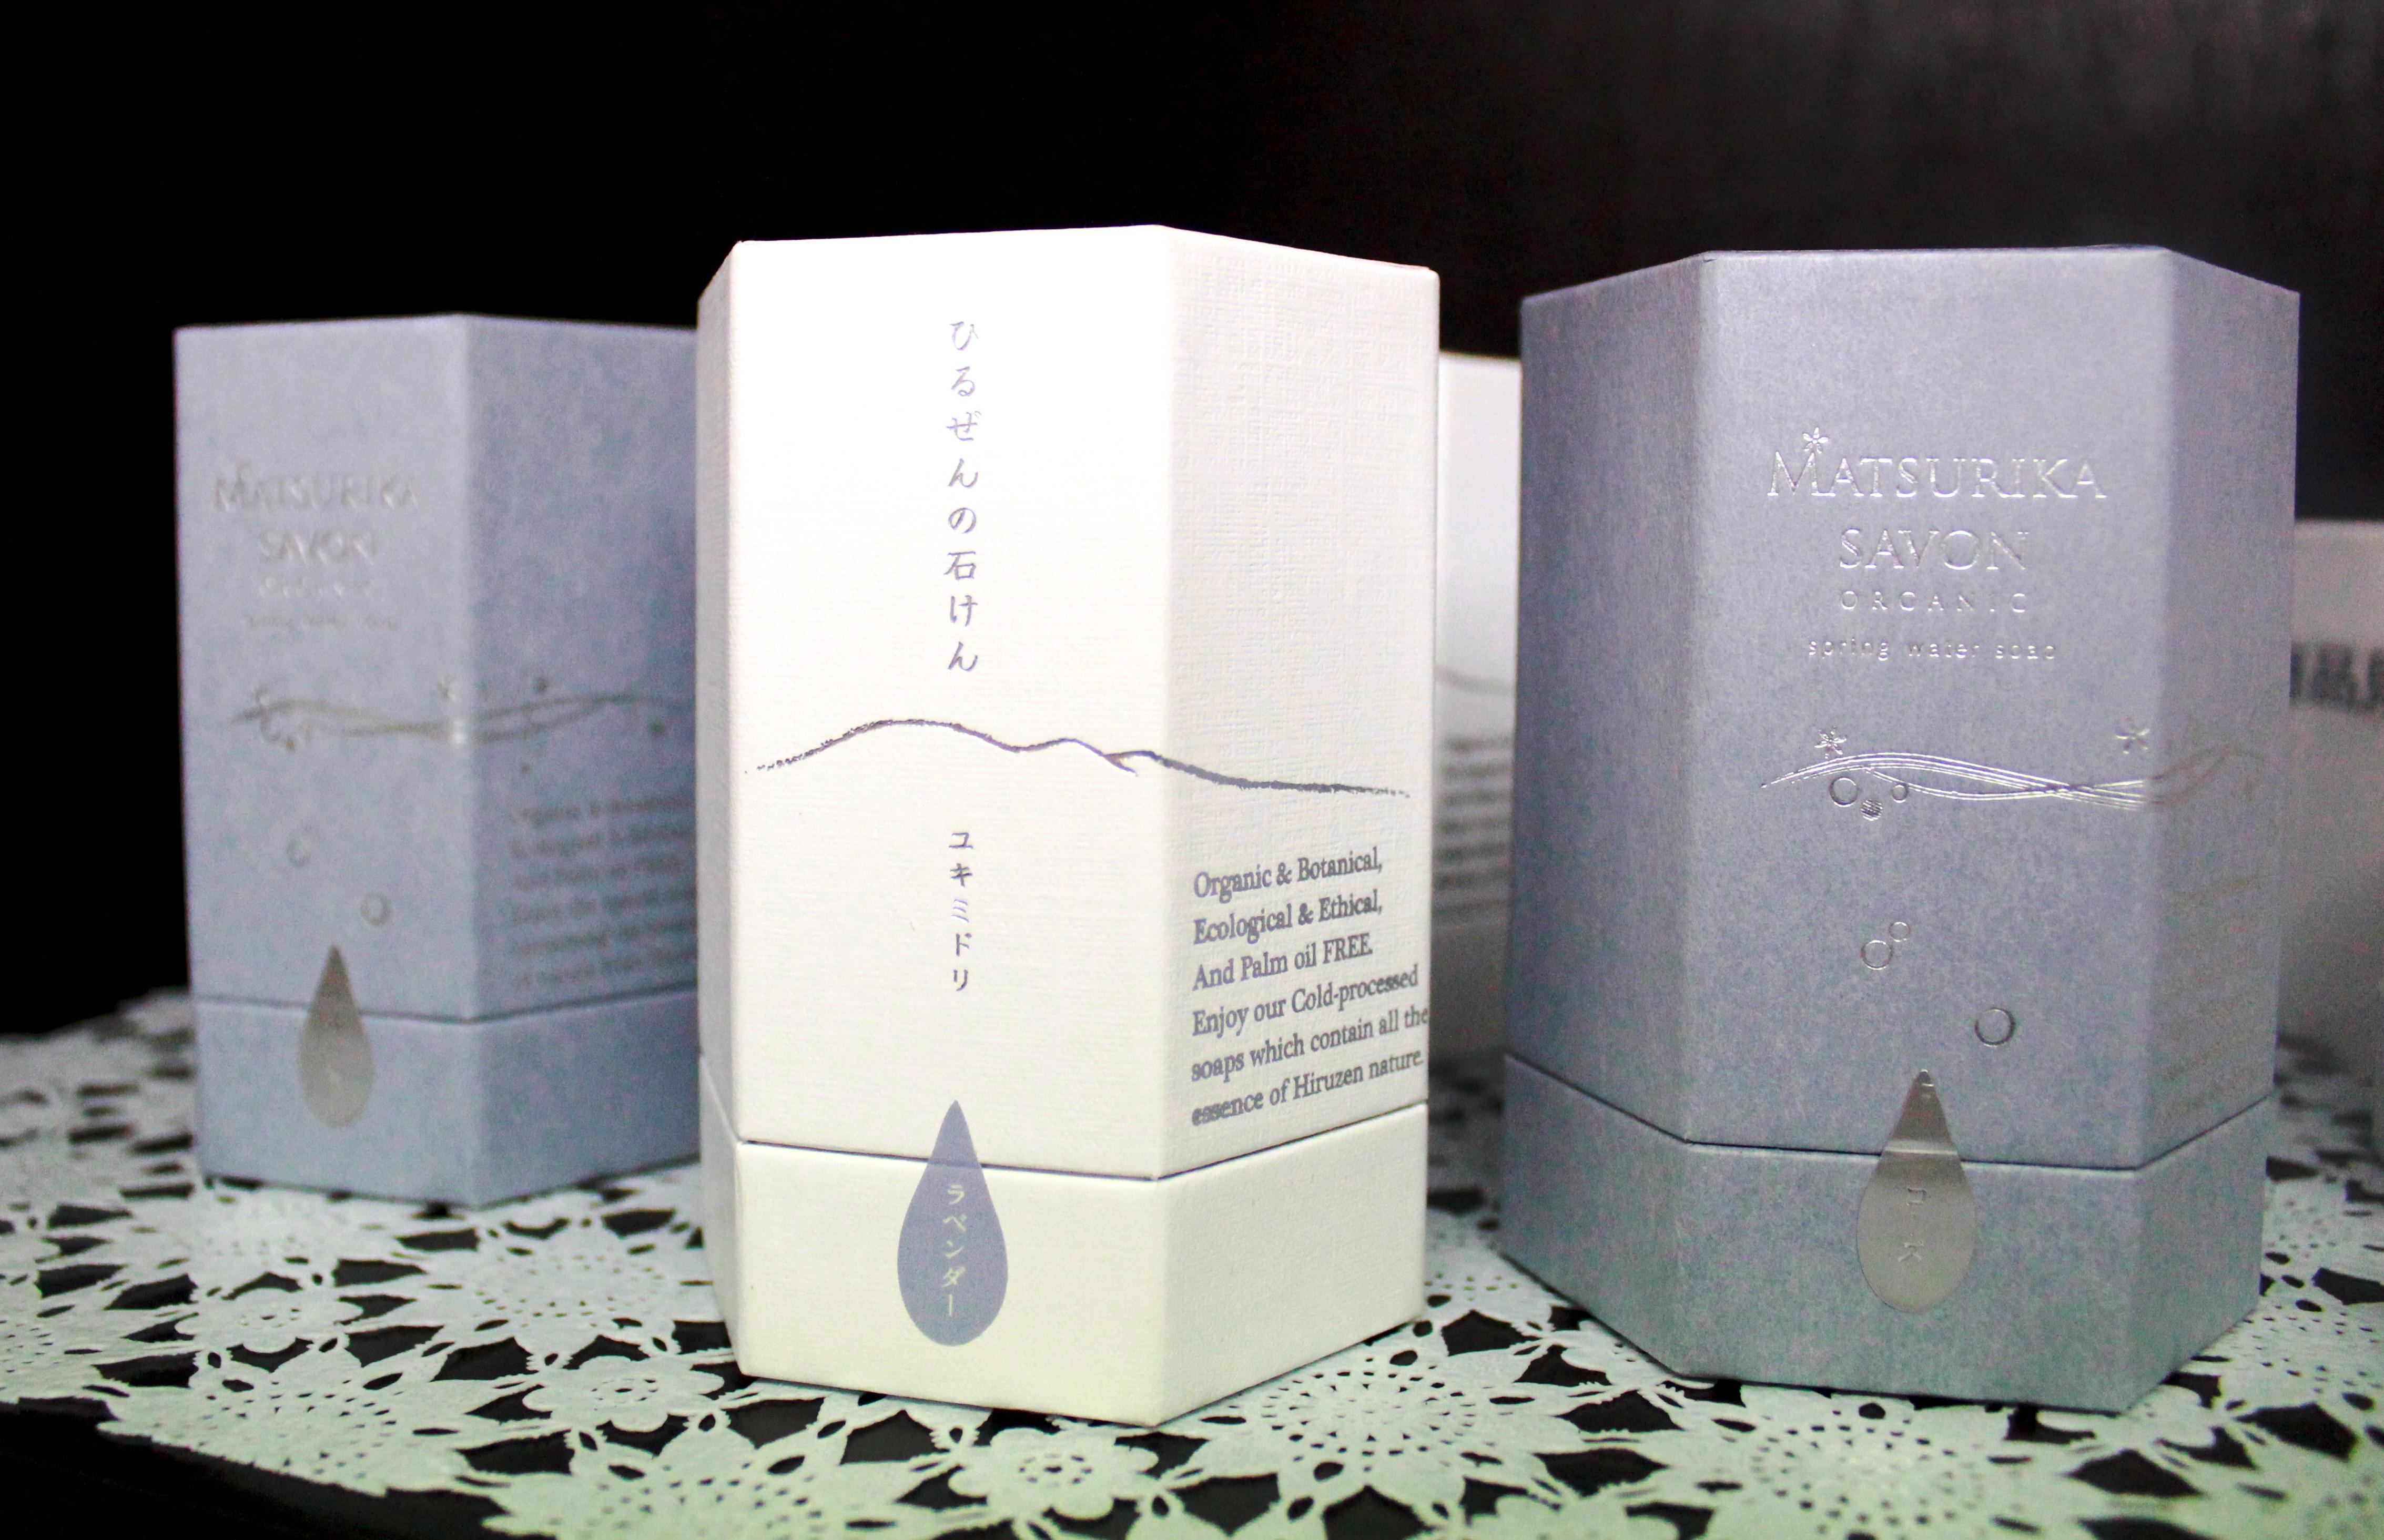 オーガニック石けん「MATSURIKA SAVON」宝石箱をイメージした外箱のパッケージは、プレゼントにも最適♪